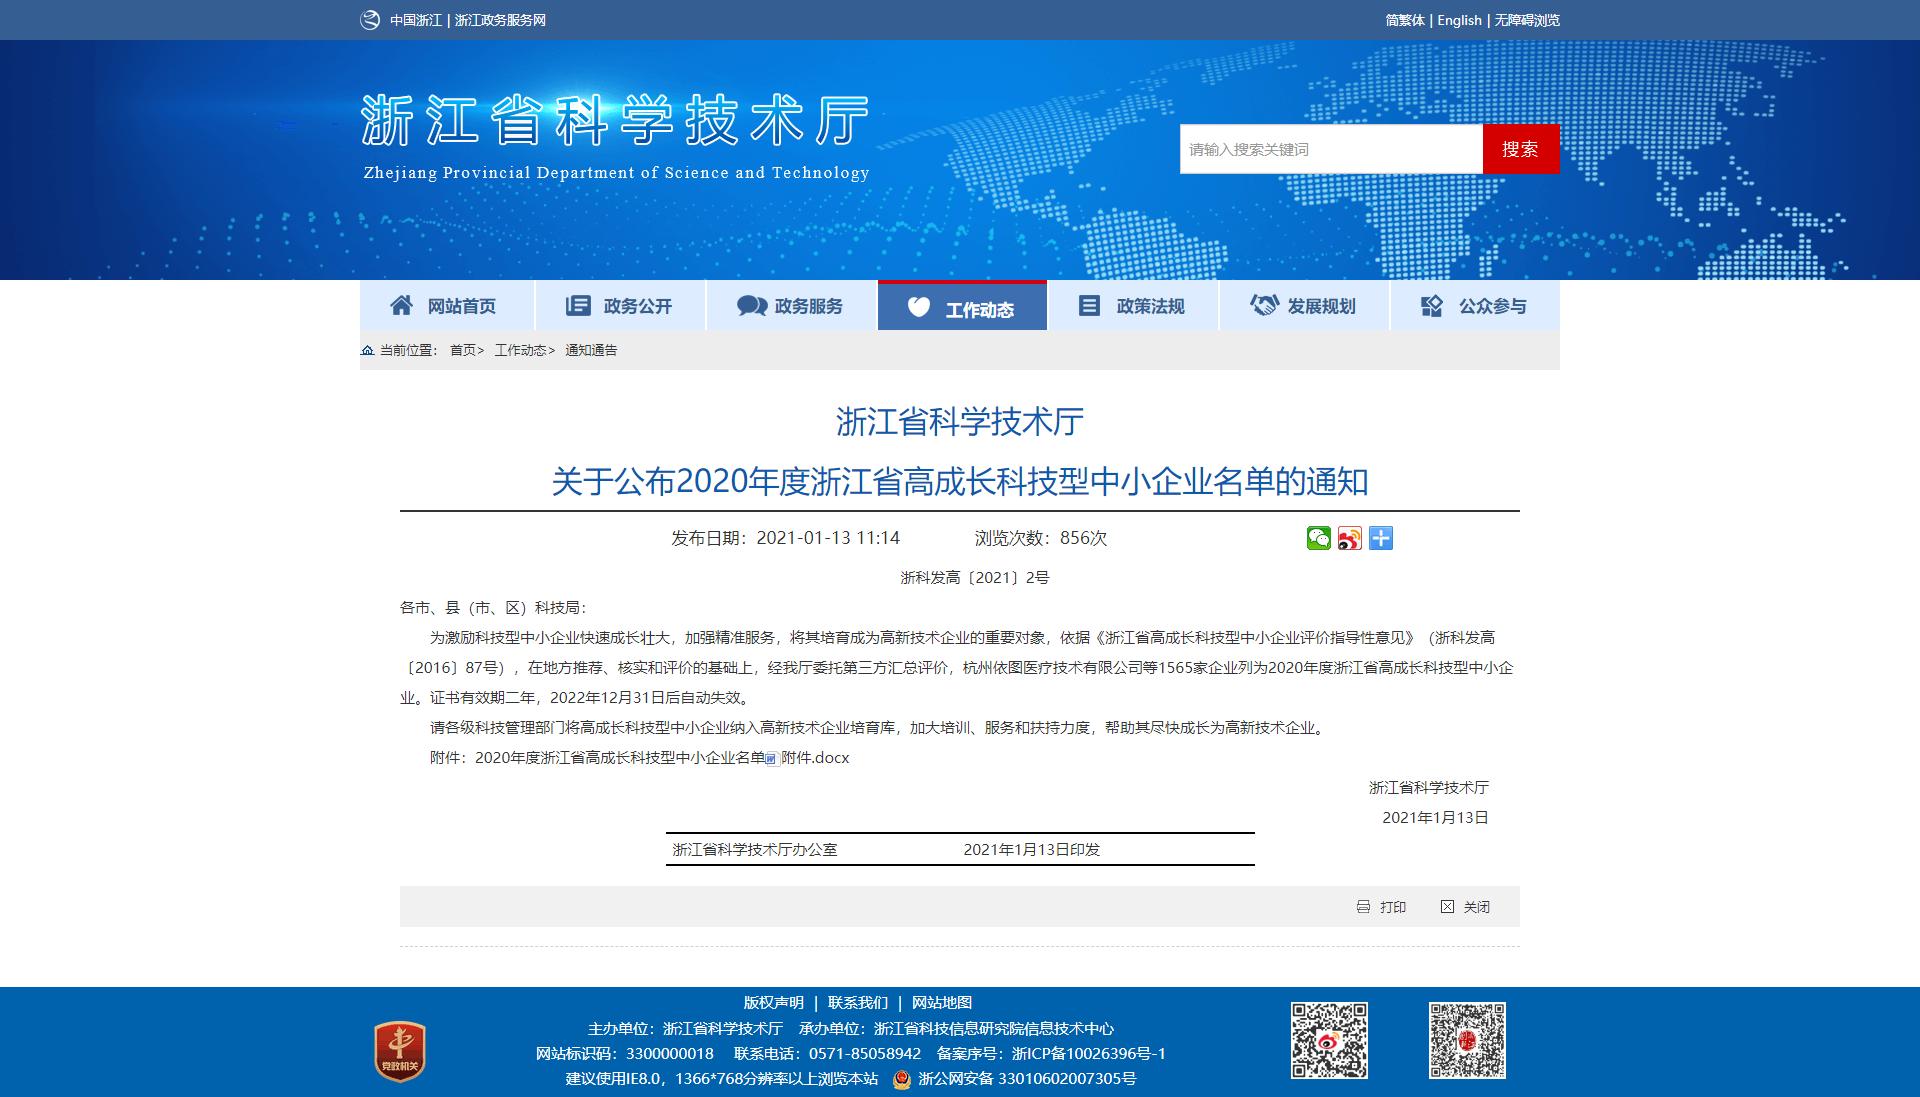 浙江省科學技術廳 關于公布2020年度浙江省高成長科技型中小企業名單的通知.png